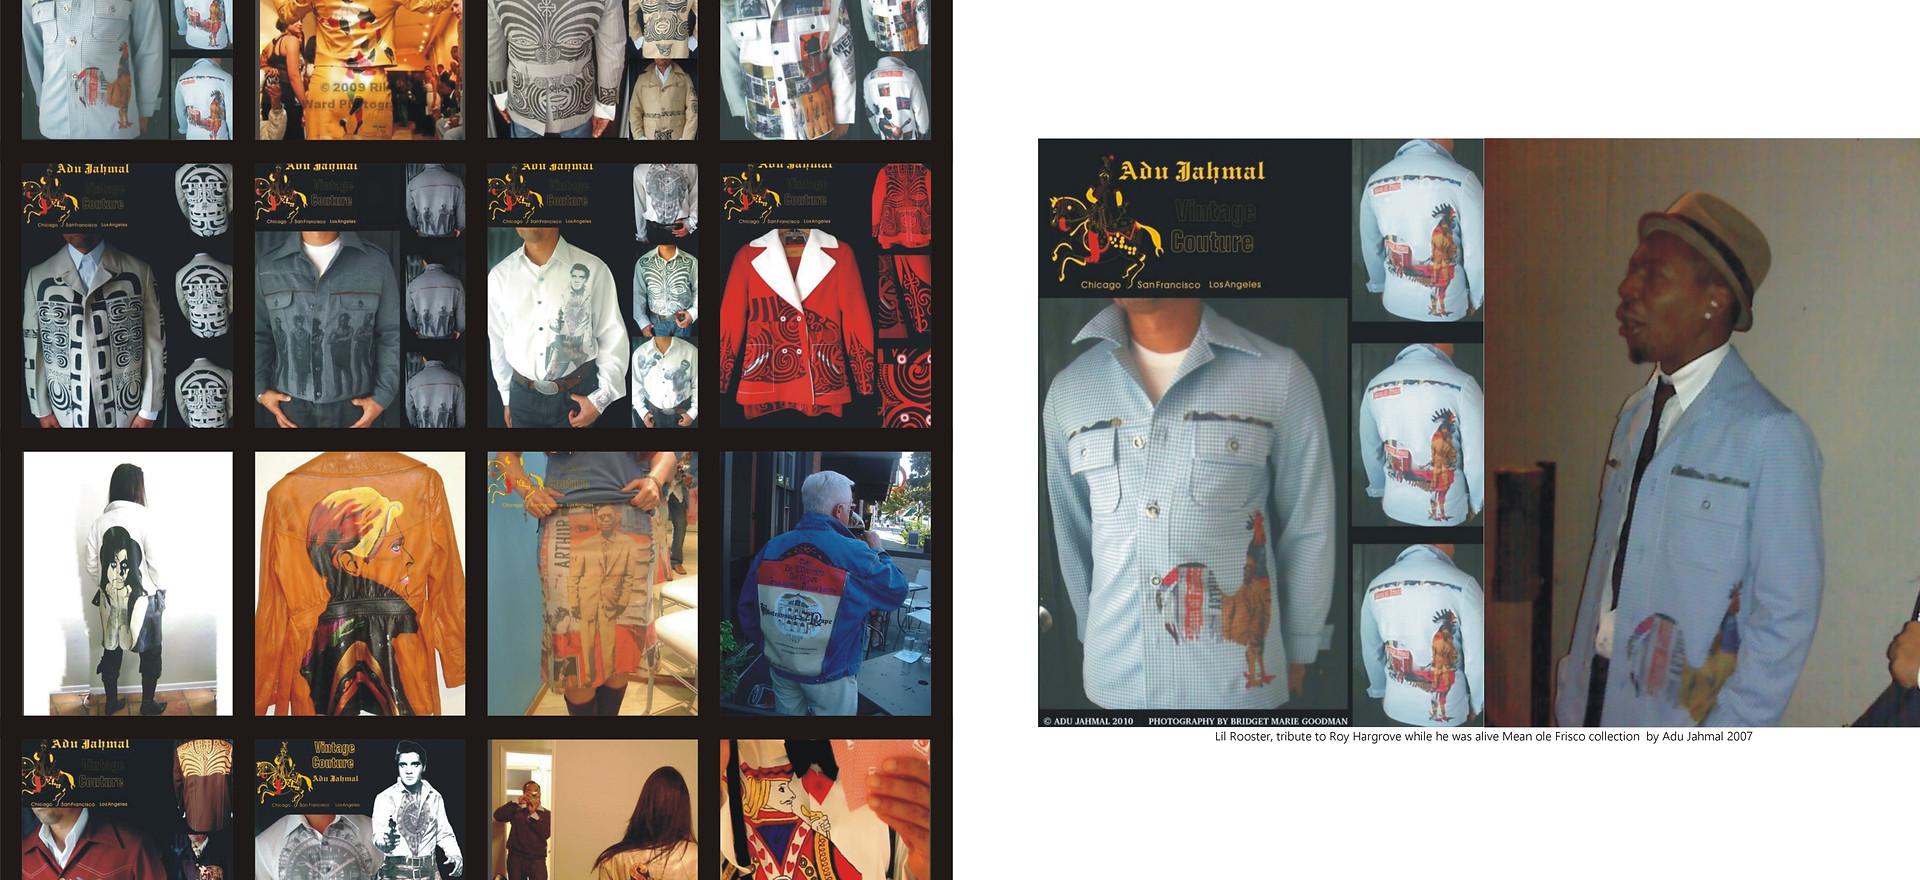 LA RocknRoll Jackets